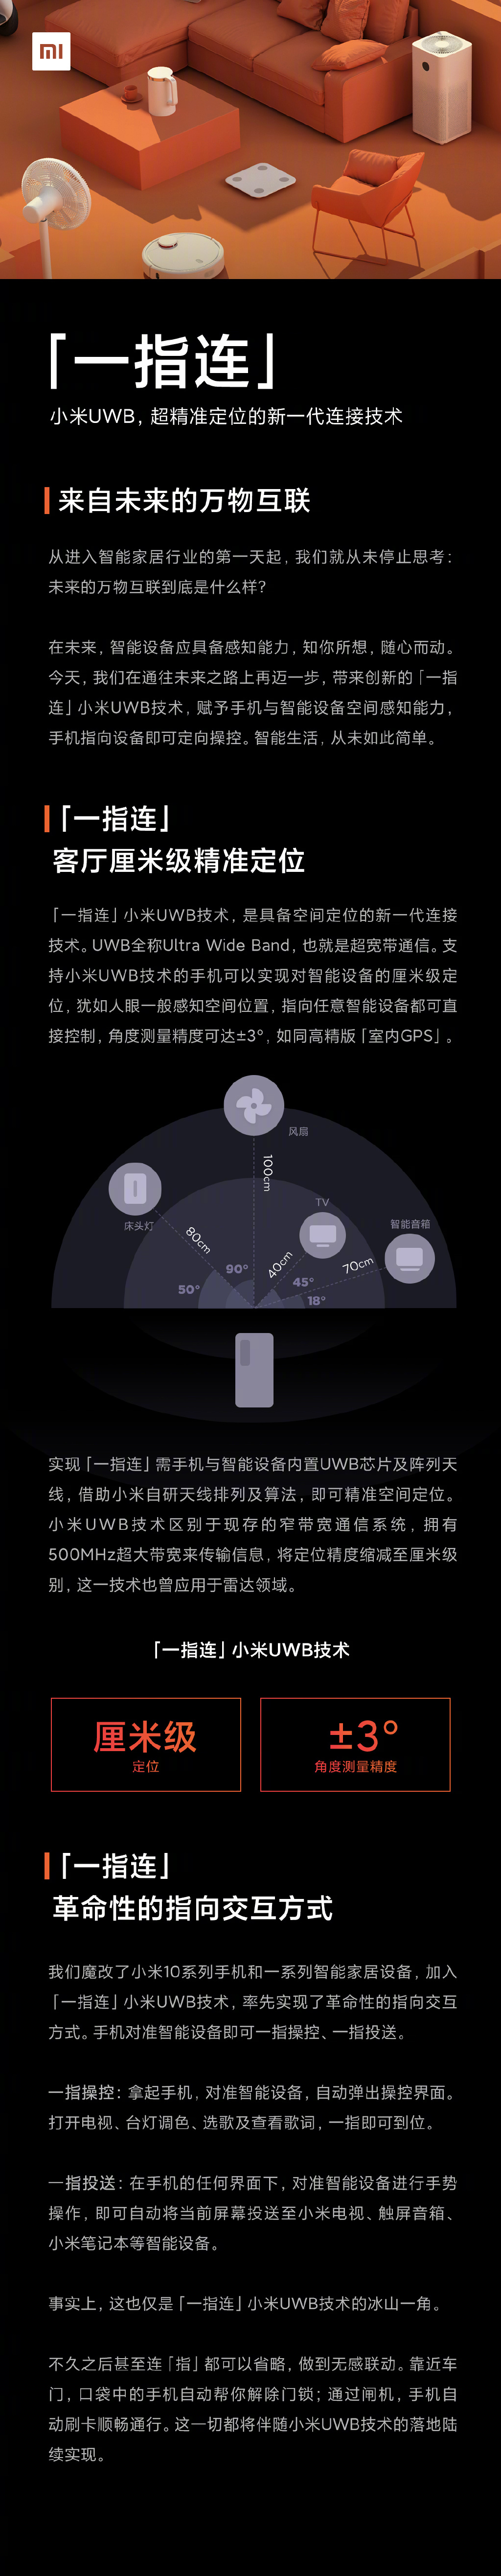 小米UWB技术官宣!厘米级定位、革命性交互